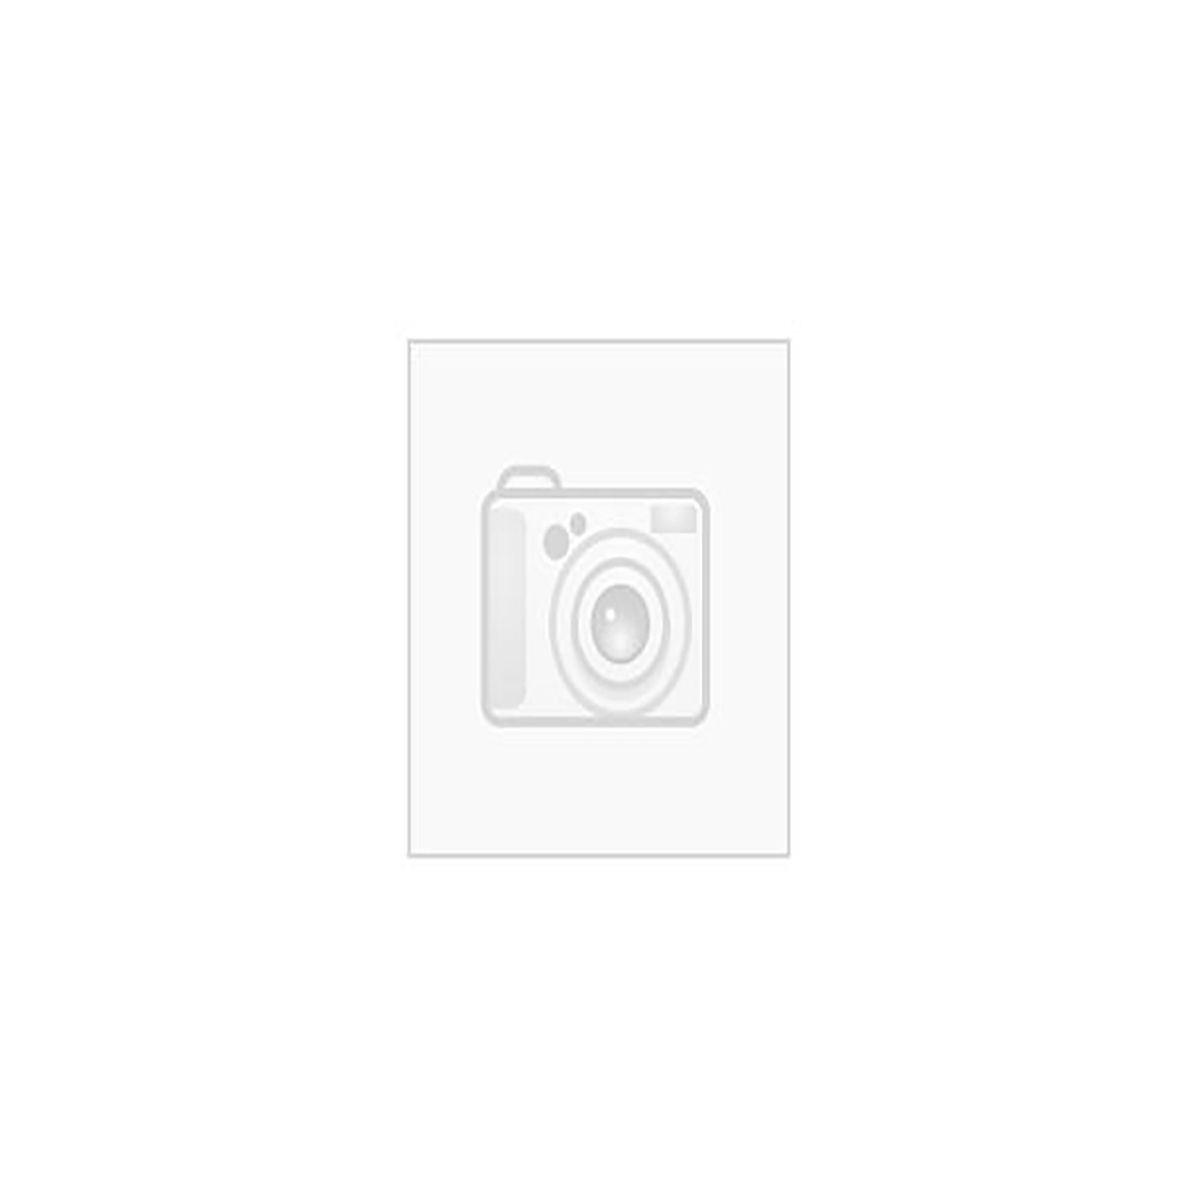 Tapwell - TVM 300 – Dusj